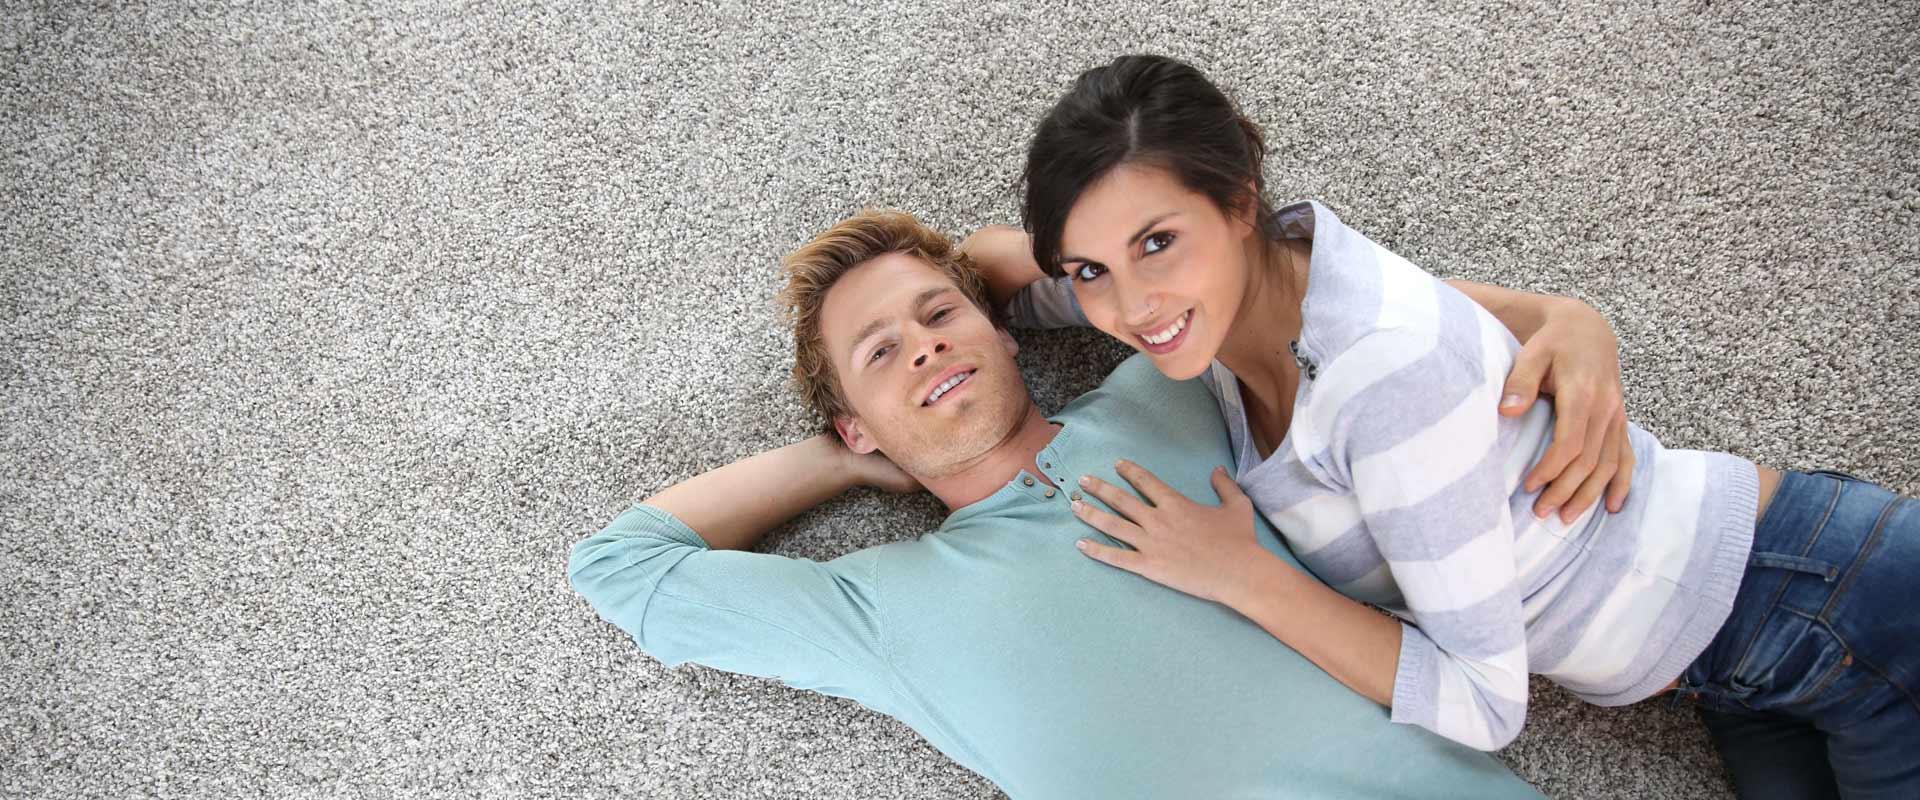 Carpet Plus Flooring Services Waterbury Ct